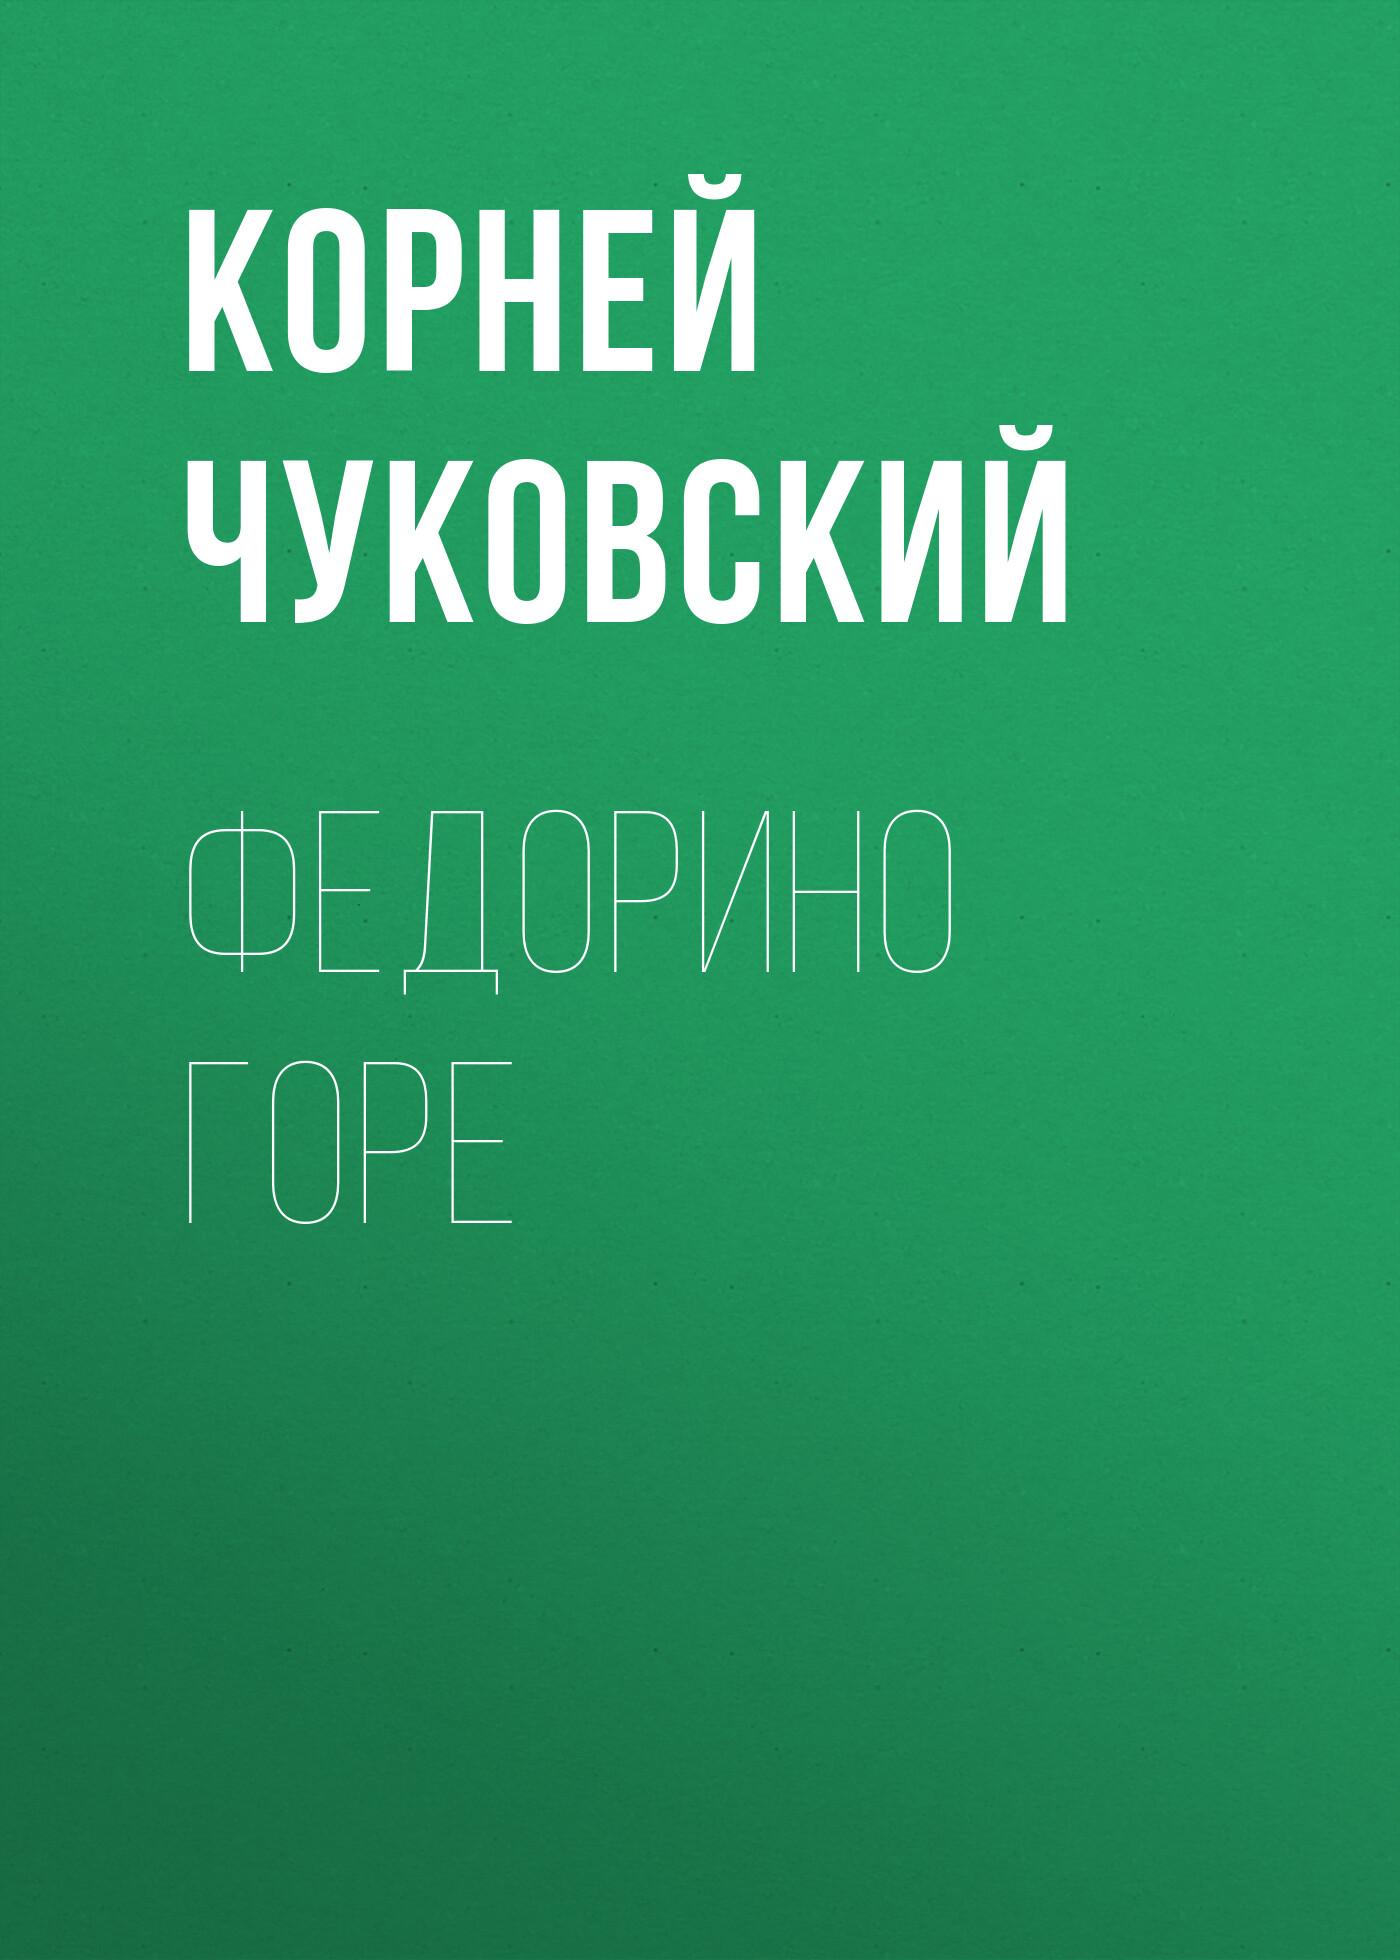 Корней Чуковский Федорино горе вдоль по памяти